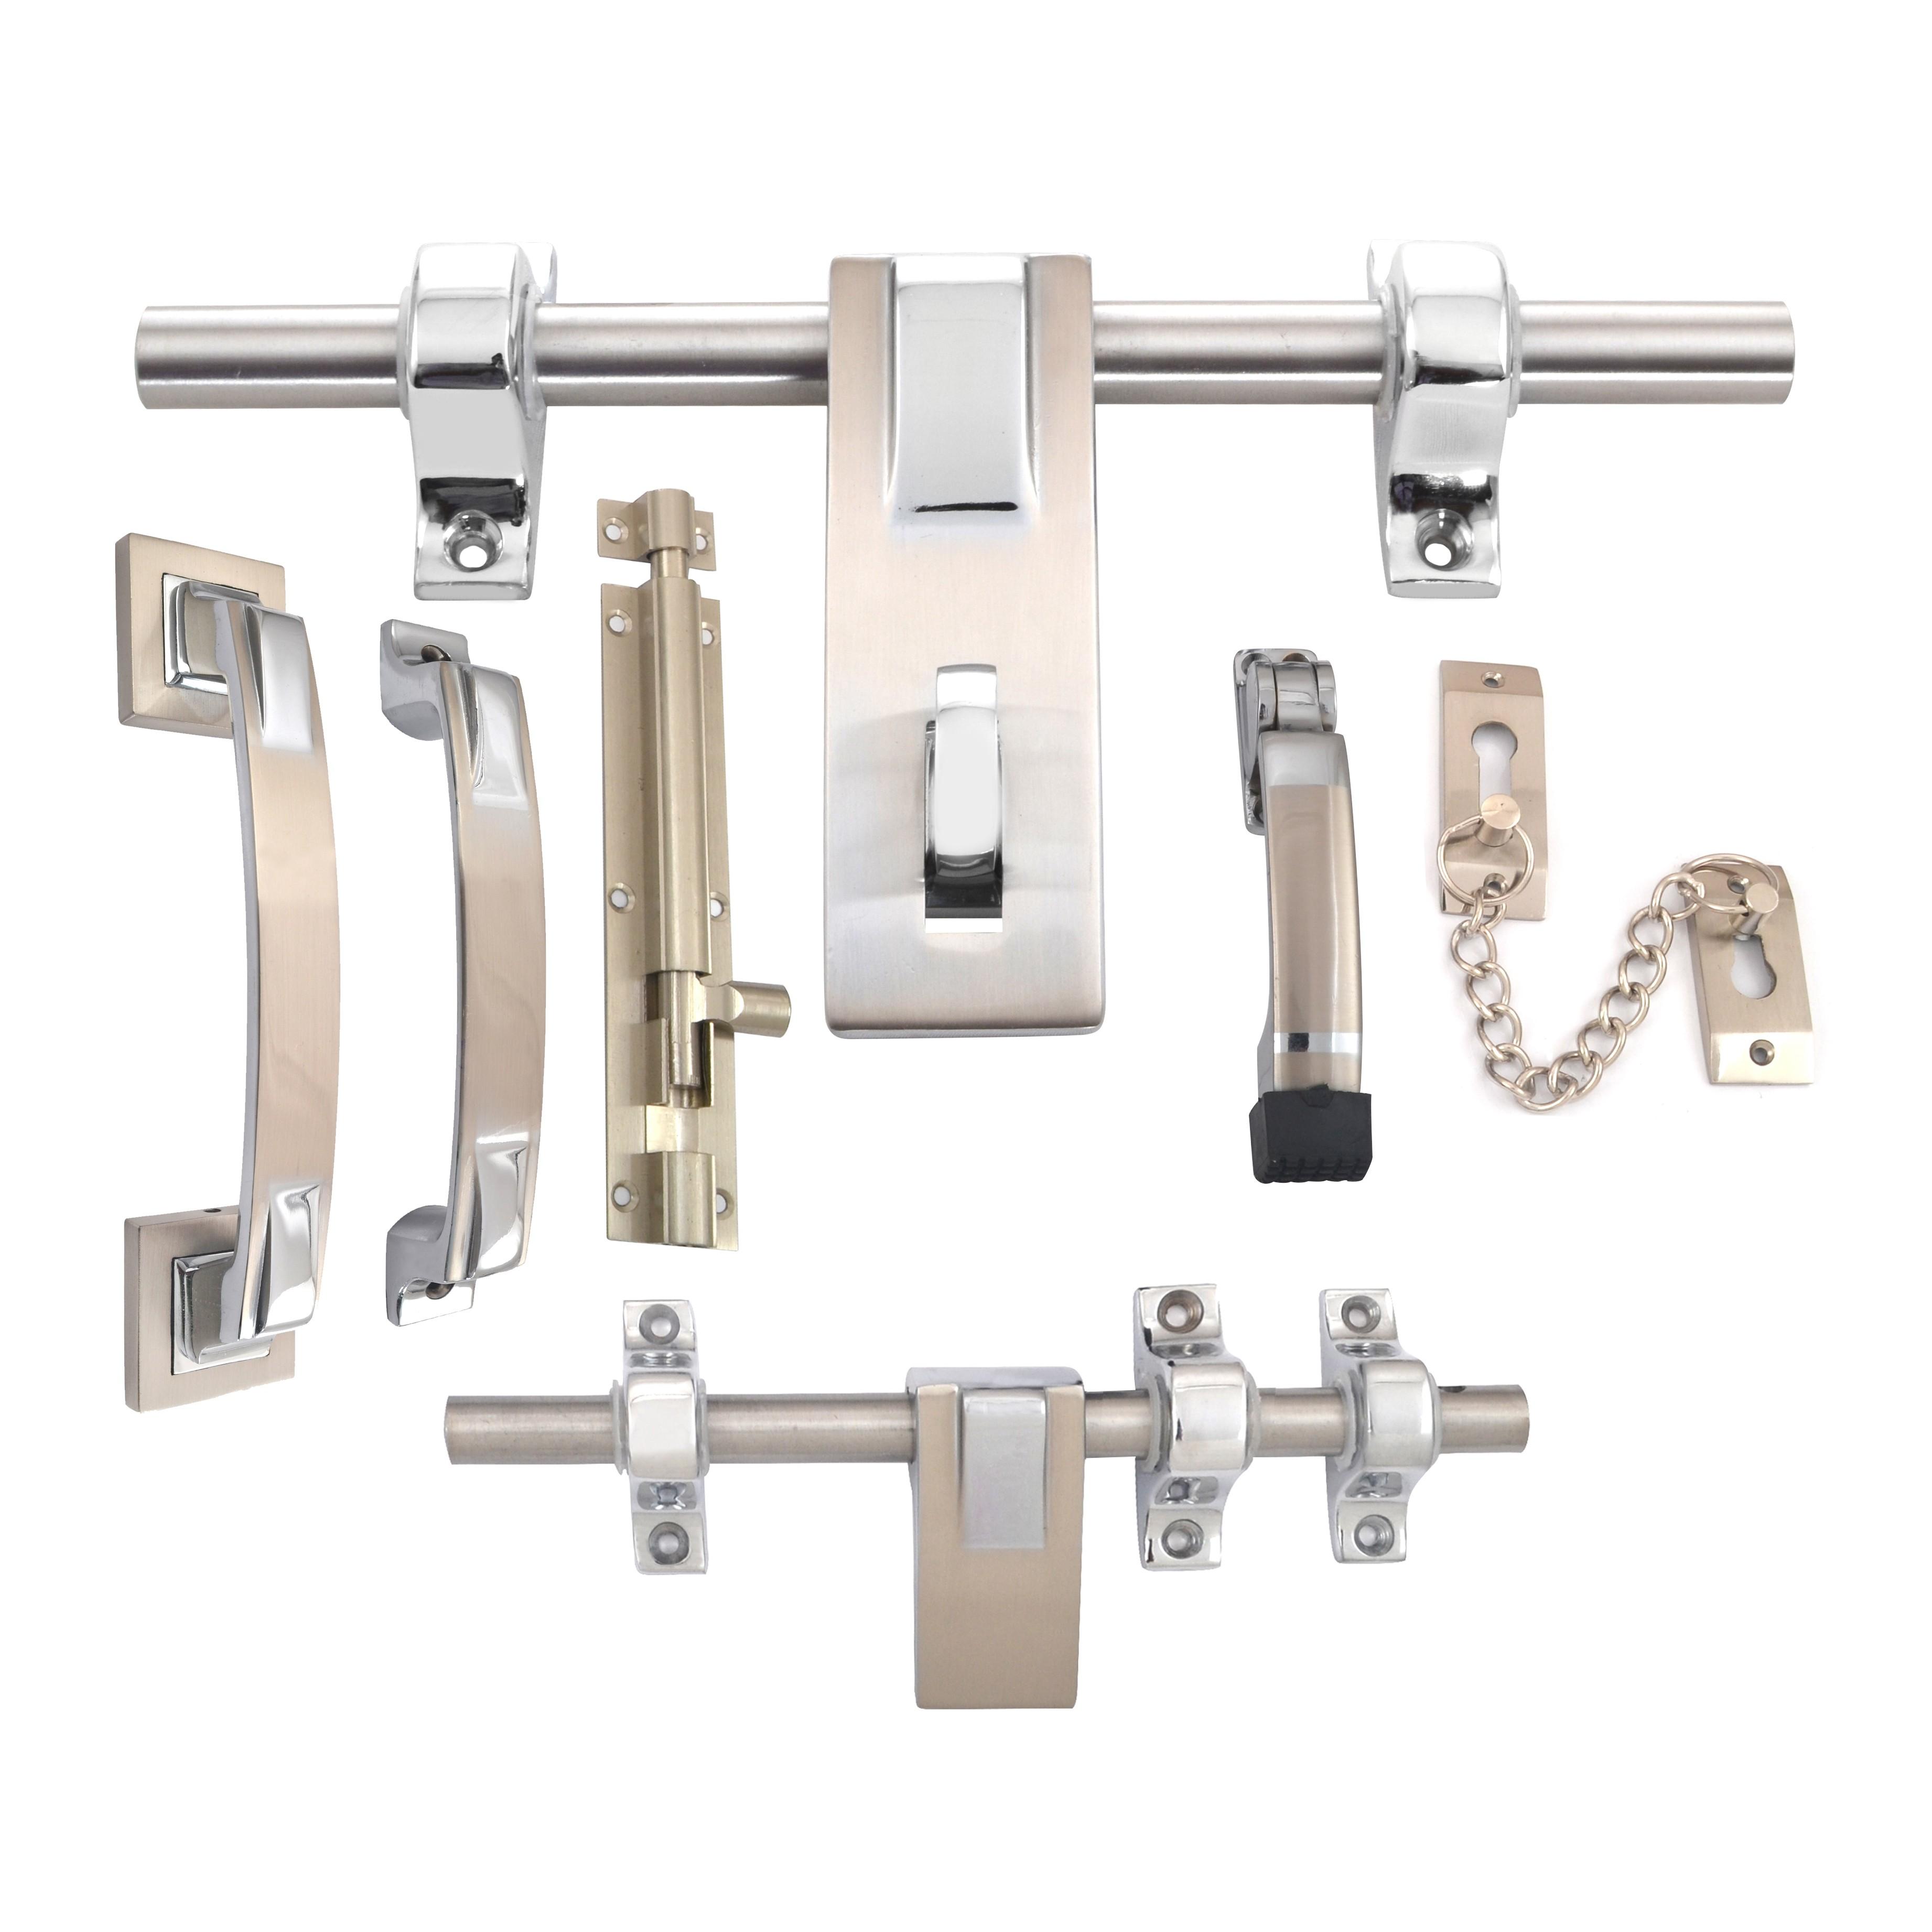 Klaxon Noble Brass Door Accessories Kit (Chrome Finish)  sc 1 st  Krios Direct & Buy Online Klaxon Noble Brass Door Accessories Kit (Chrome Finish)